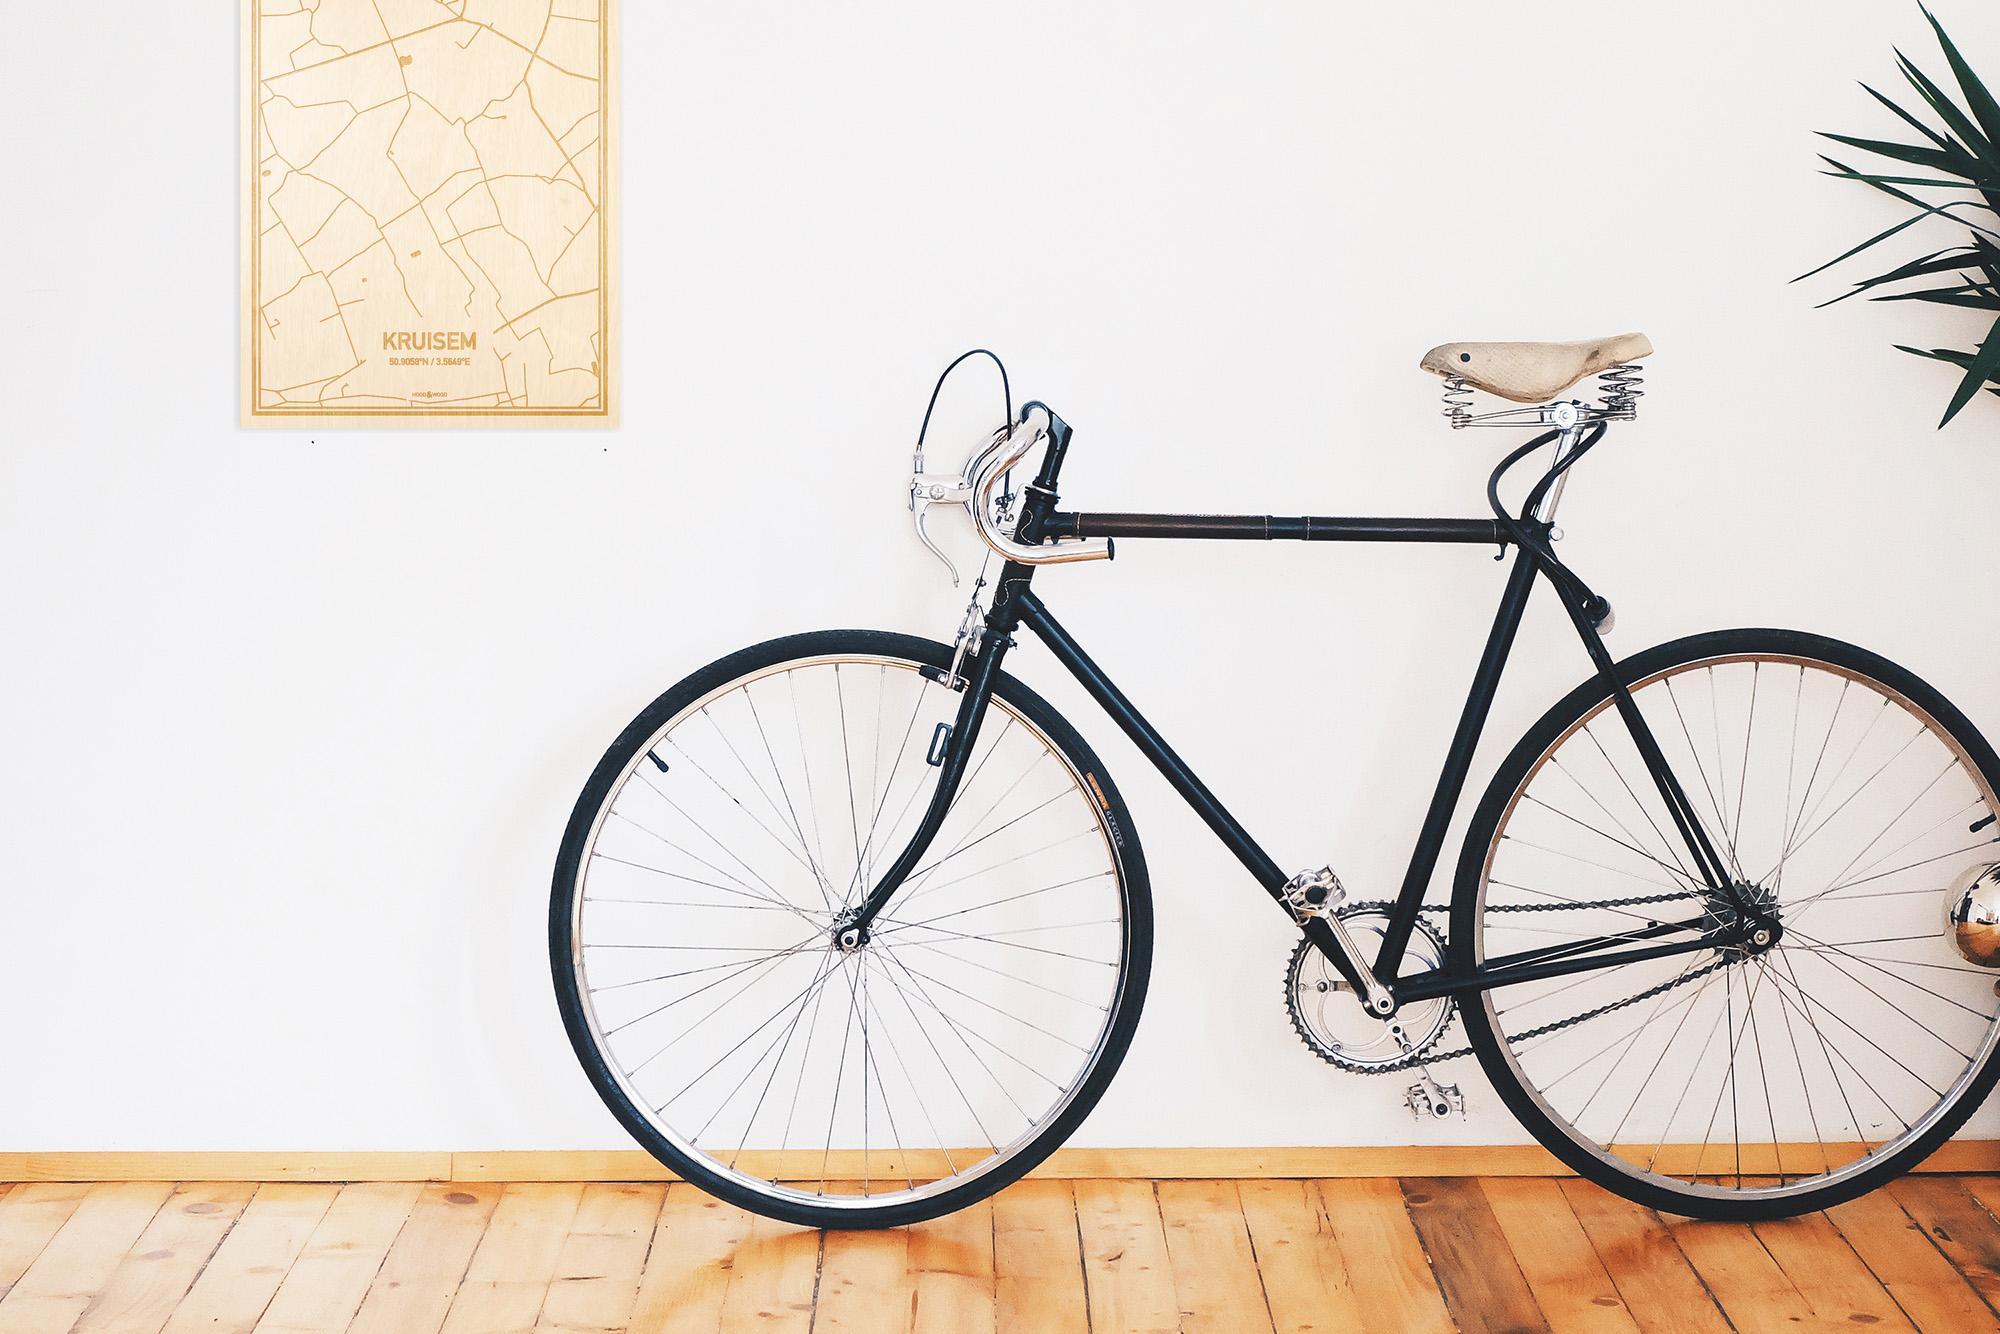 Een snelle fiets in een uniek interieur in Oost-Vlaanderen  met mooie decoratie zoals de plattegrond Kruisem.